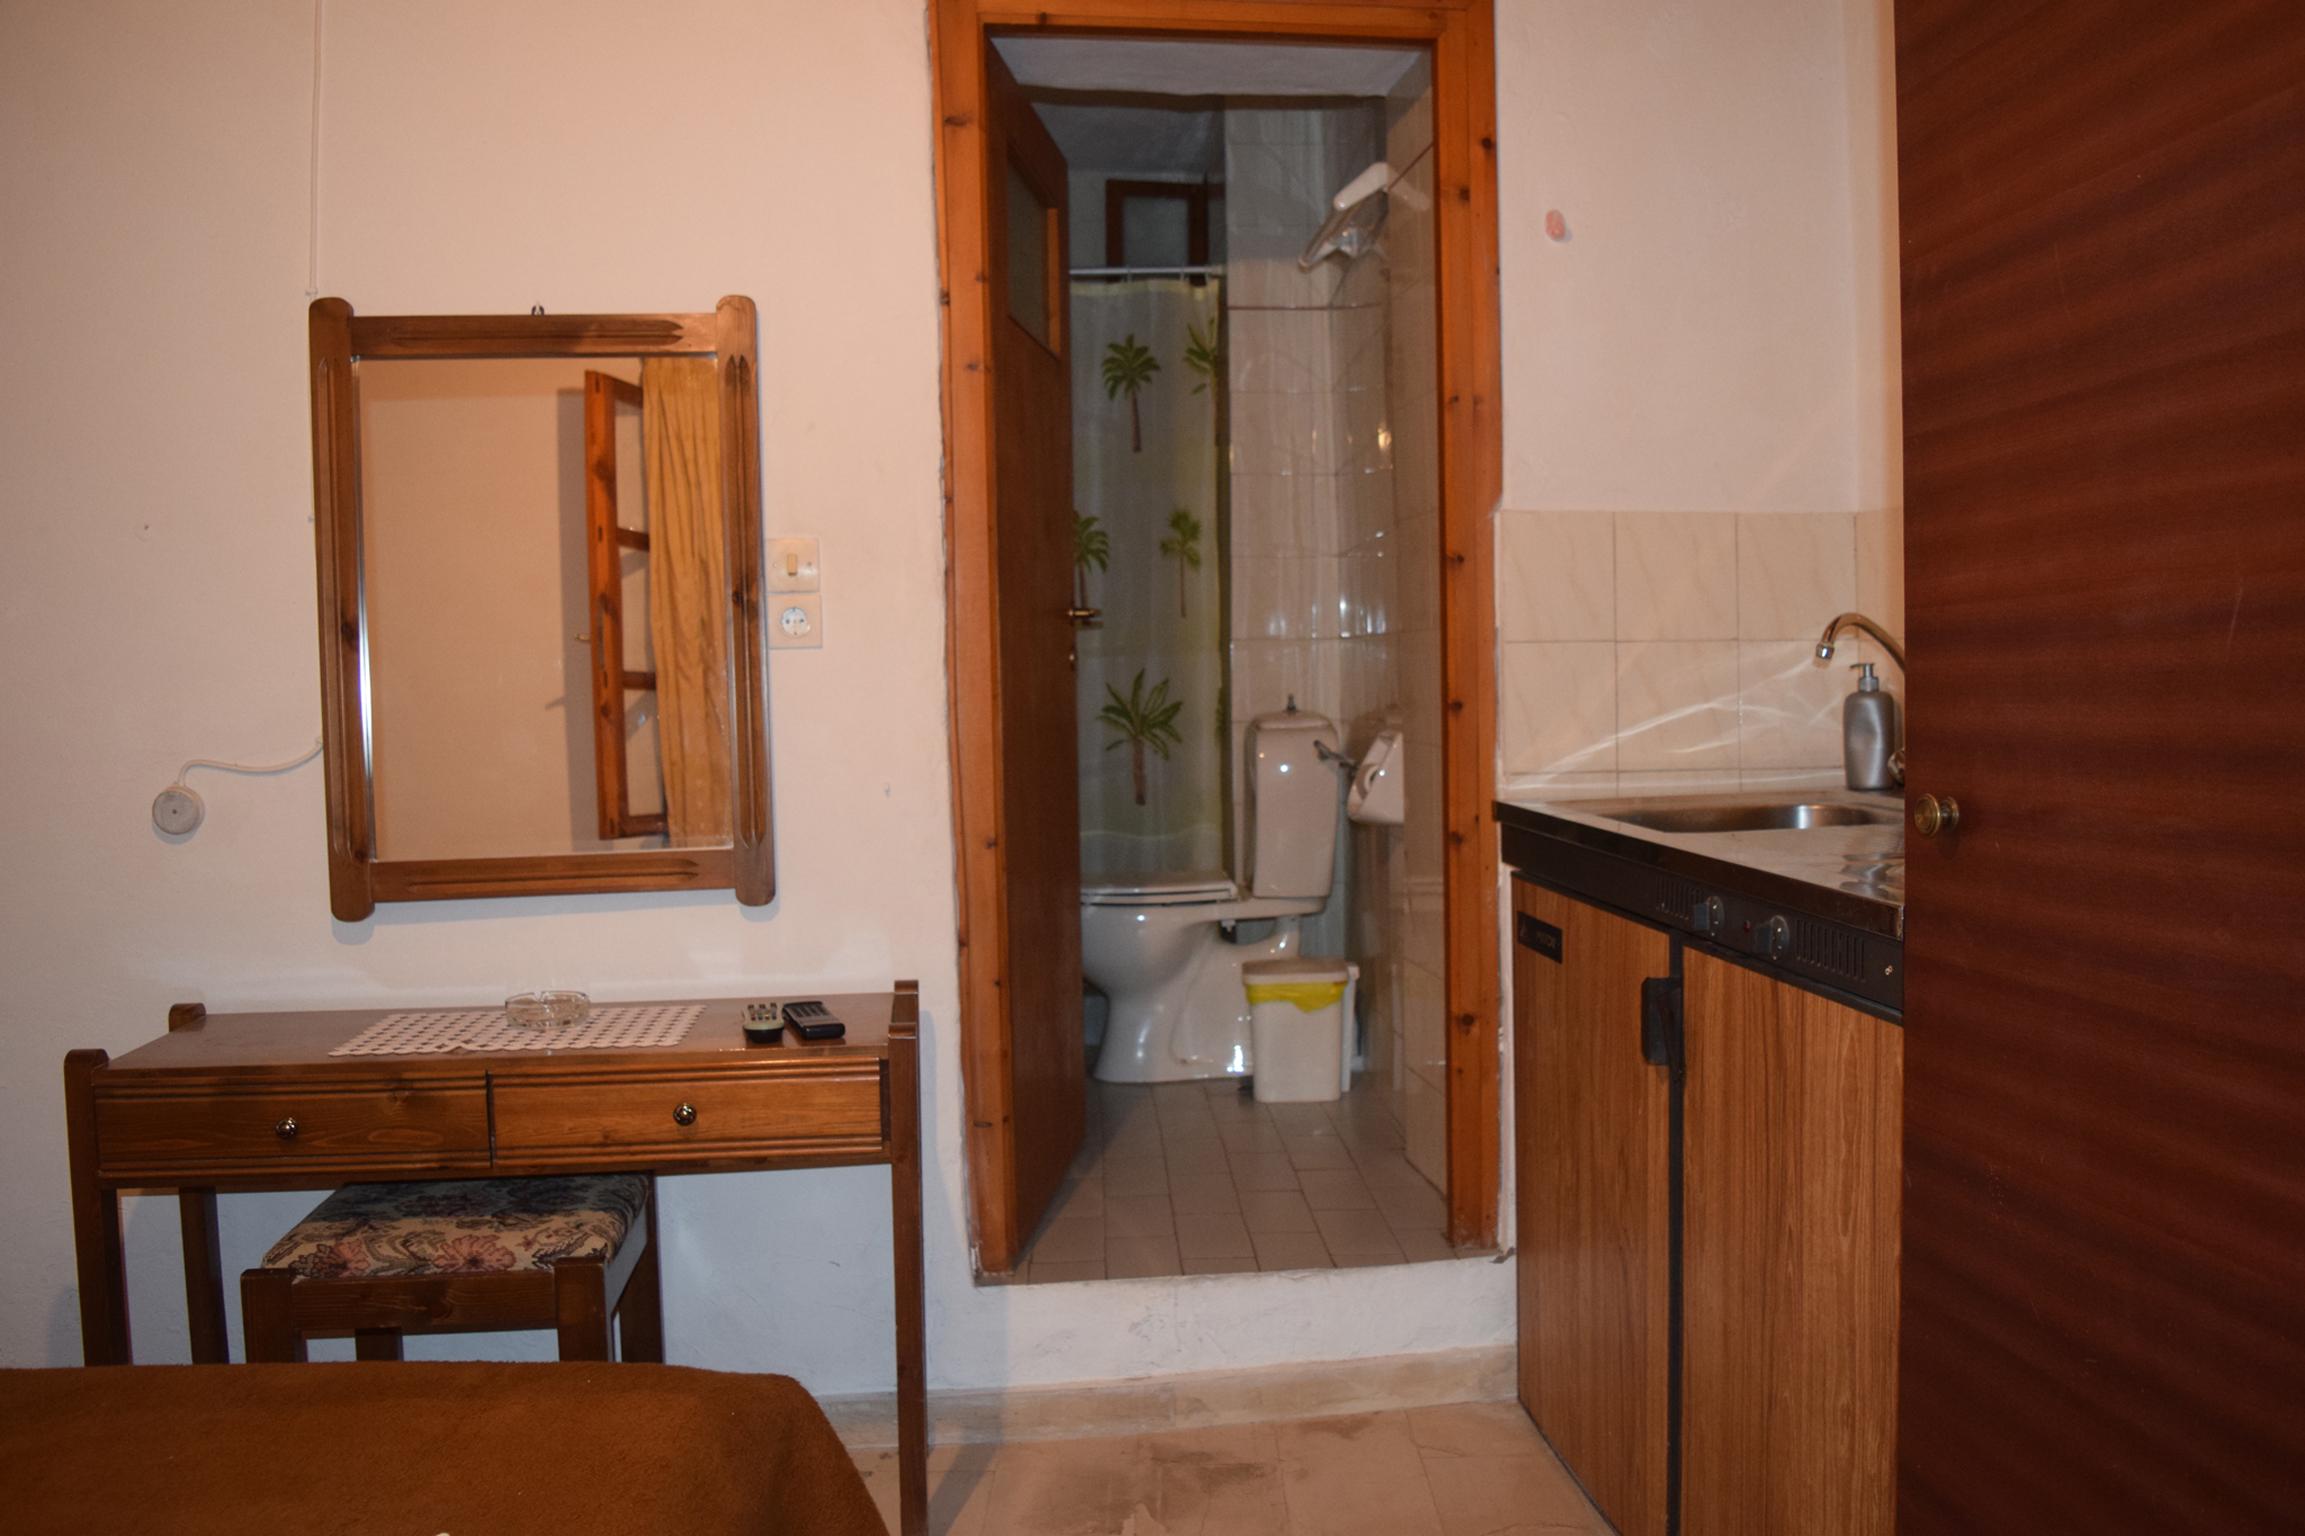 Diklino_Room1a.jpg